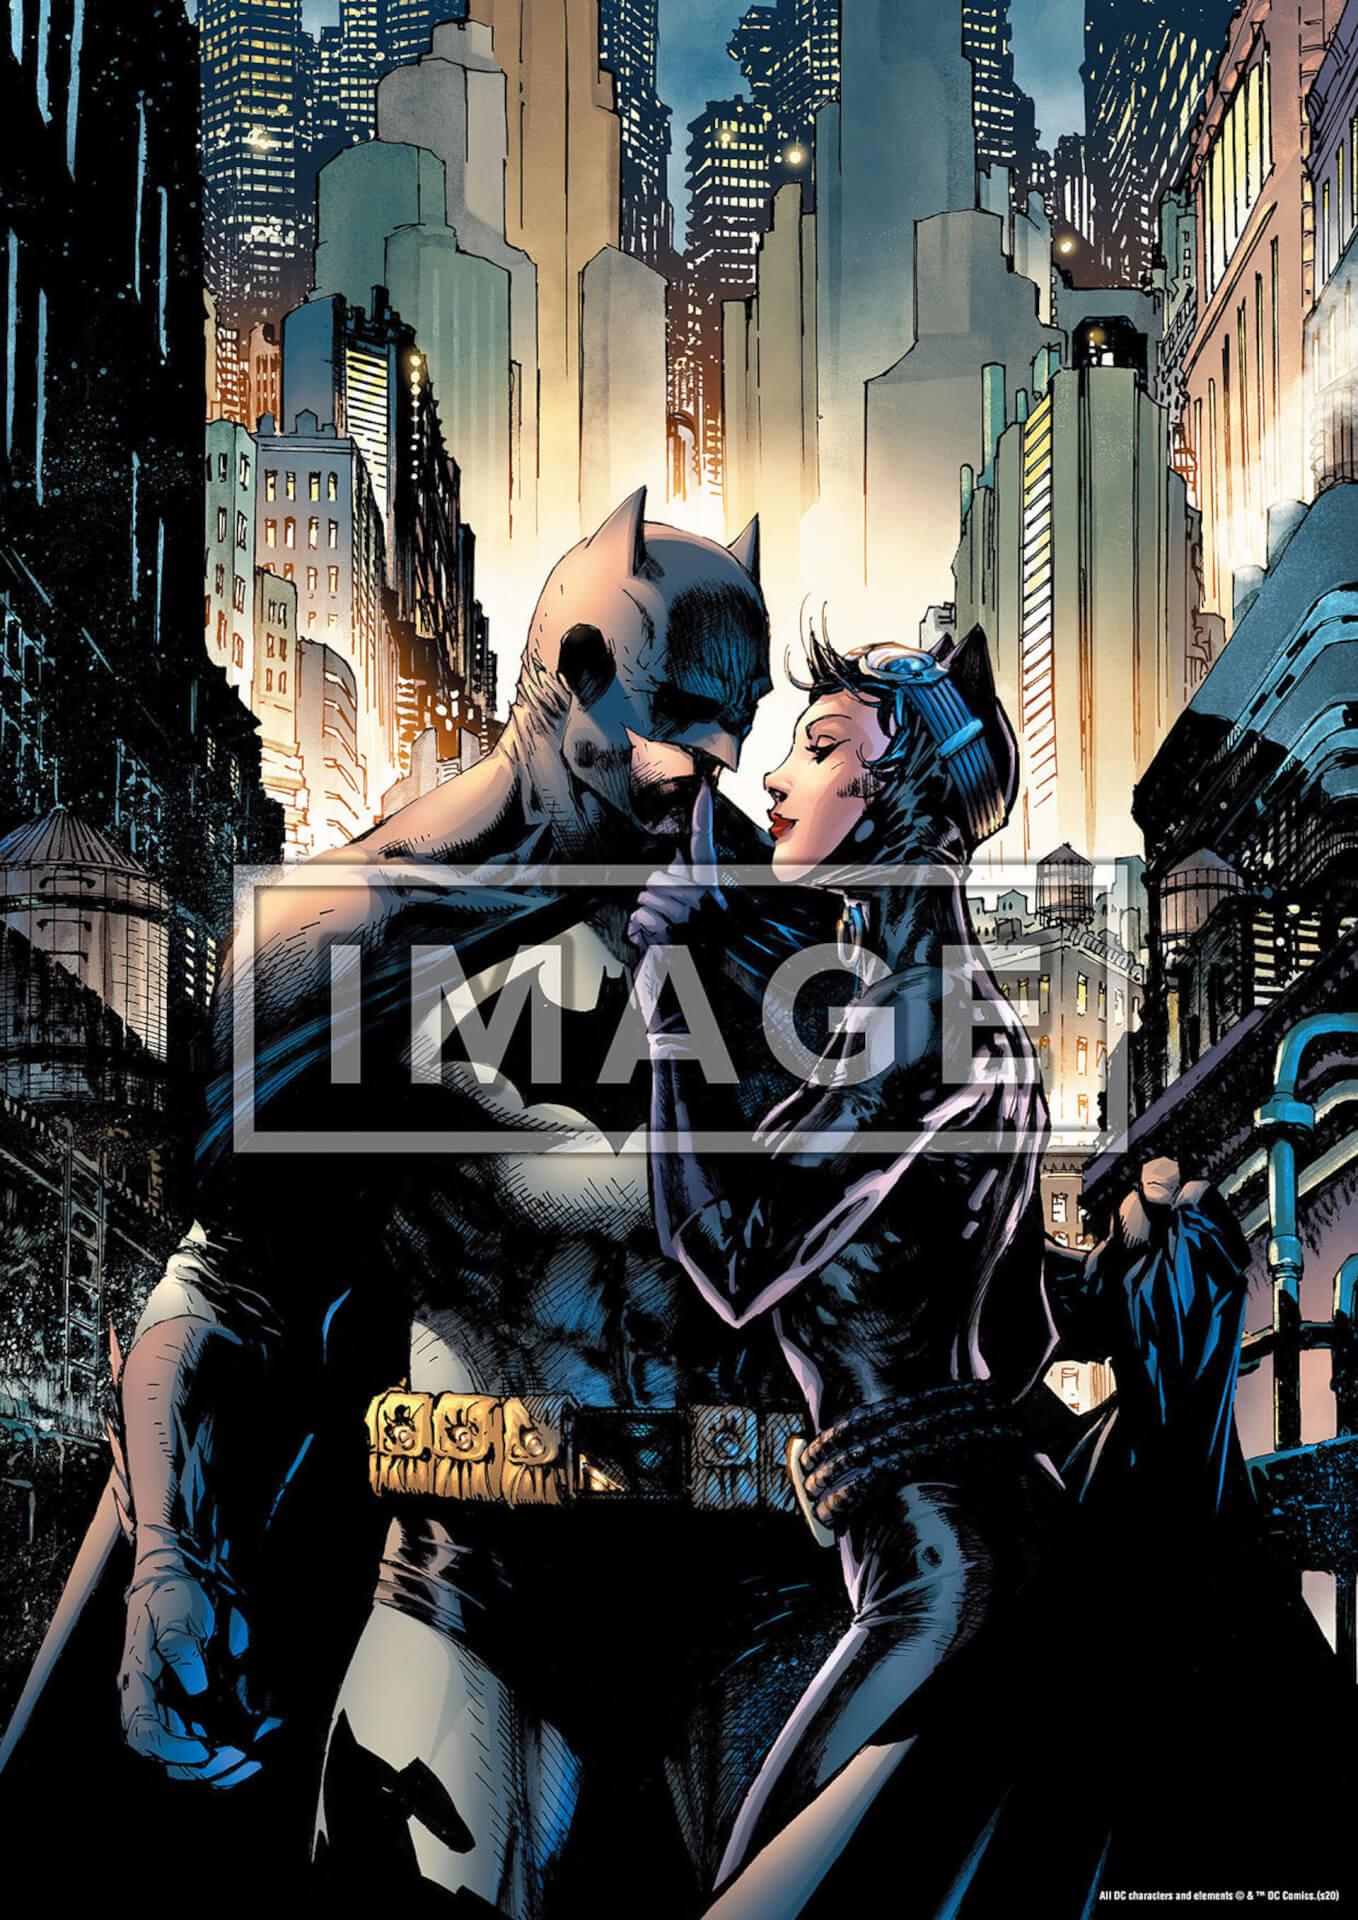 『ワンダーウーマン 1984』劇場公開記念!スーパーマン、バットマン、ジョーカーら人気DCキャラのBE@RBRICKや限定ポスターが当たるHappyくじが発売 art201216_dc_bearbrick_12